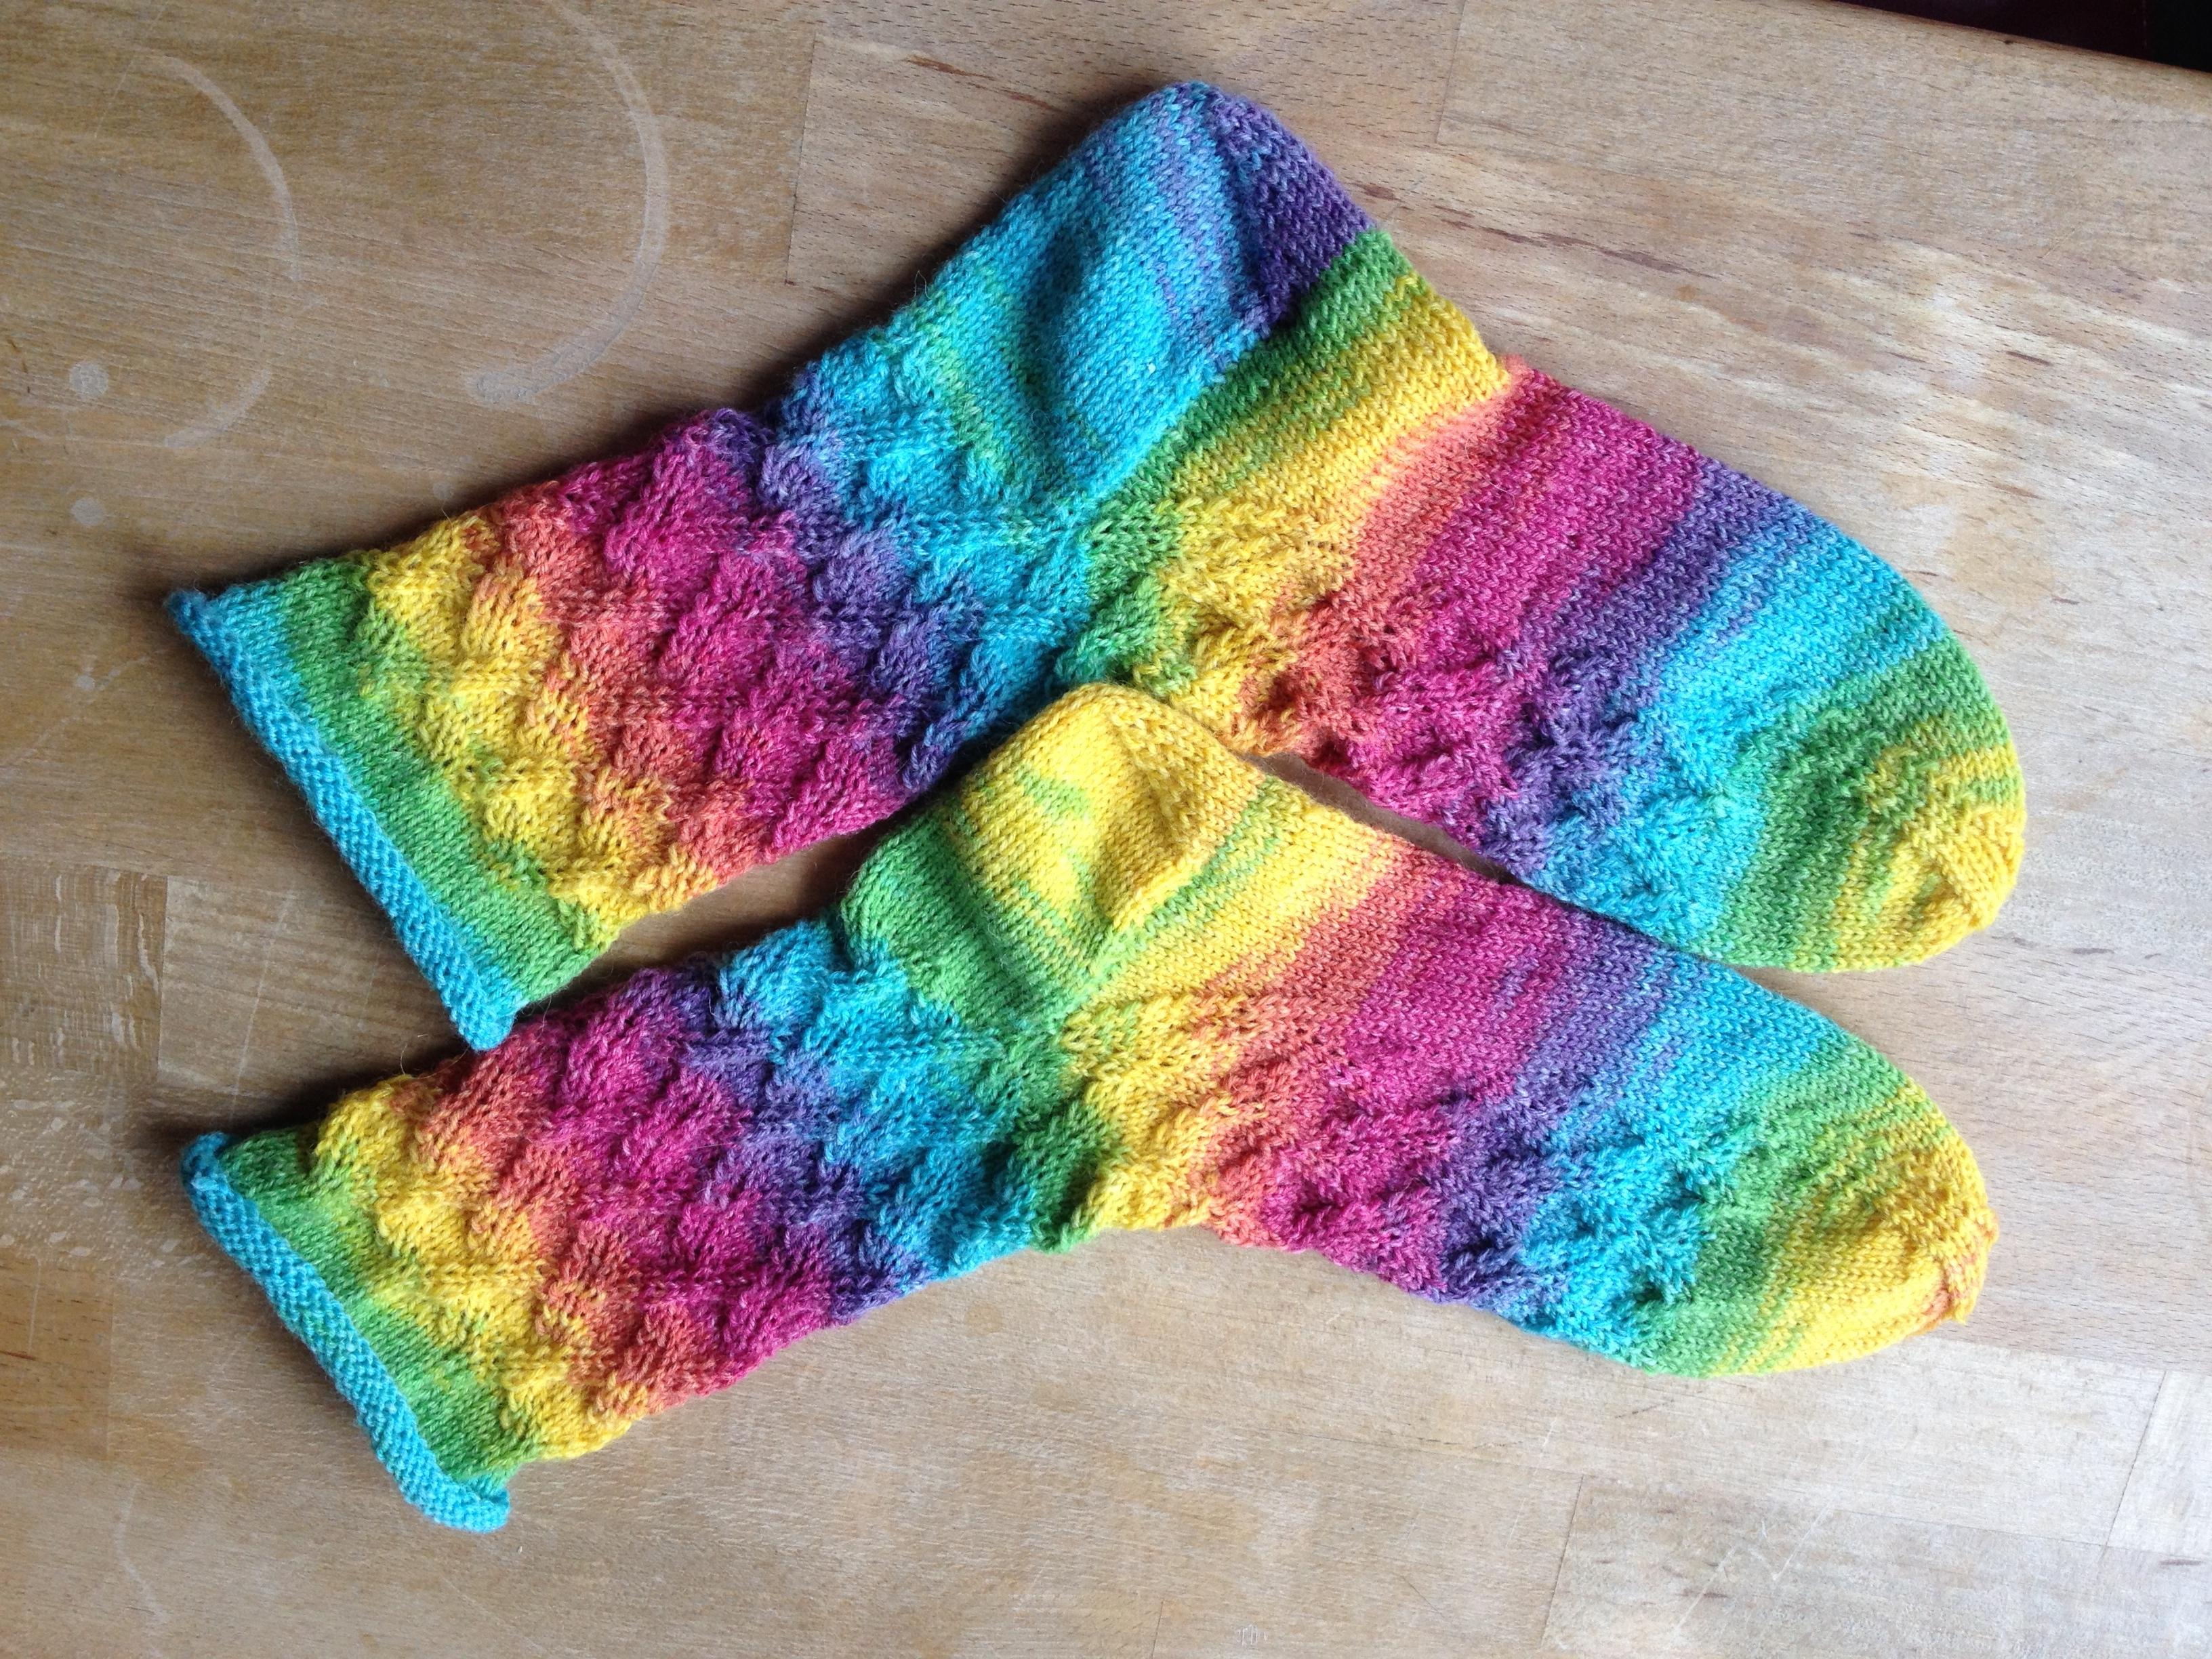 socks, socks,socks :)